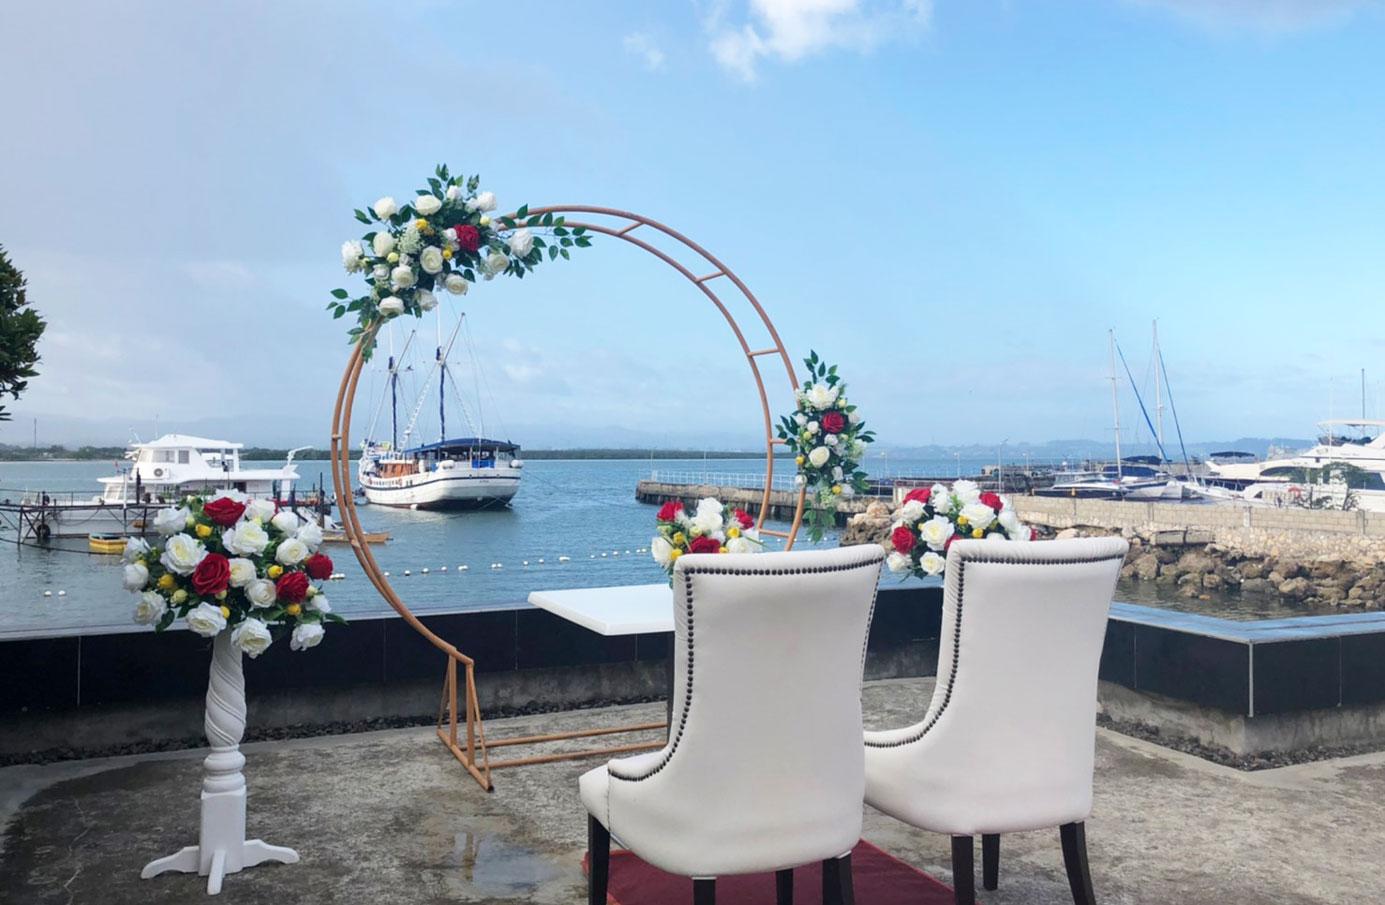 セブ島結婚式 セブ島挙式会場 セブ島ウエディング セブ島レストランウエディング